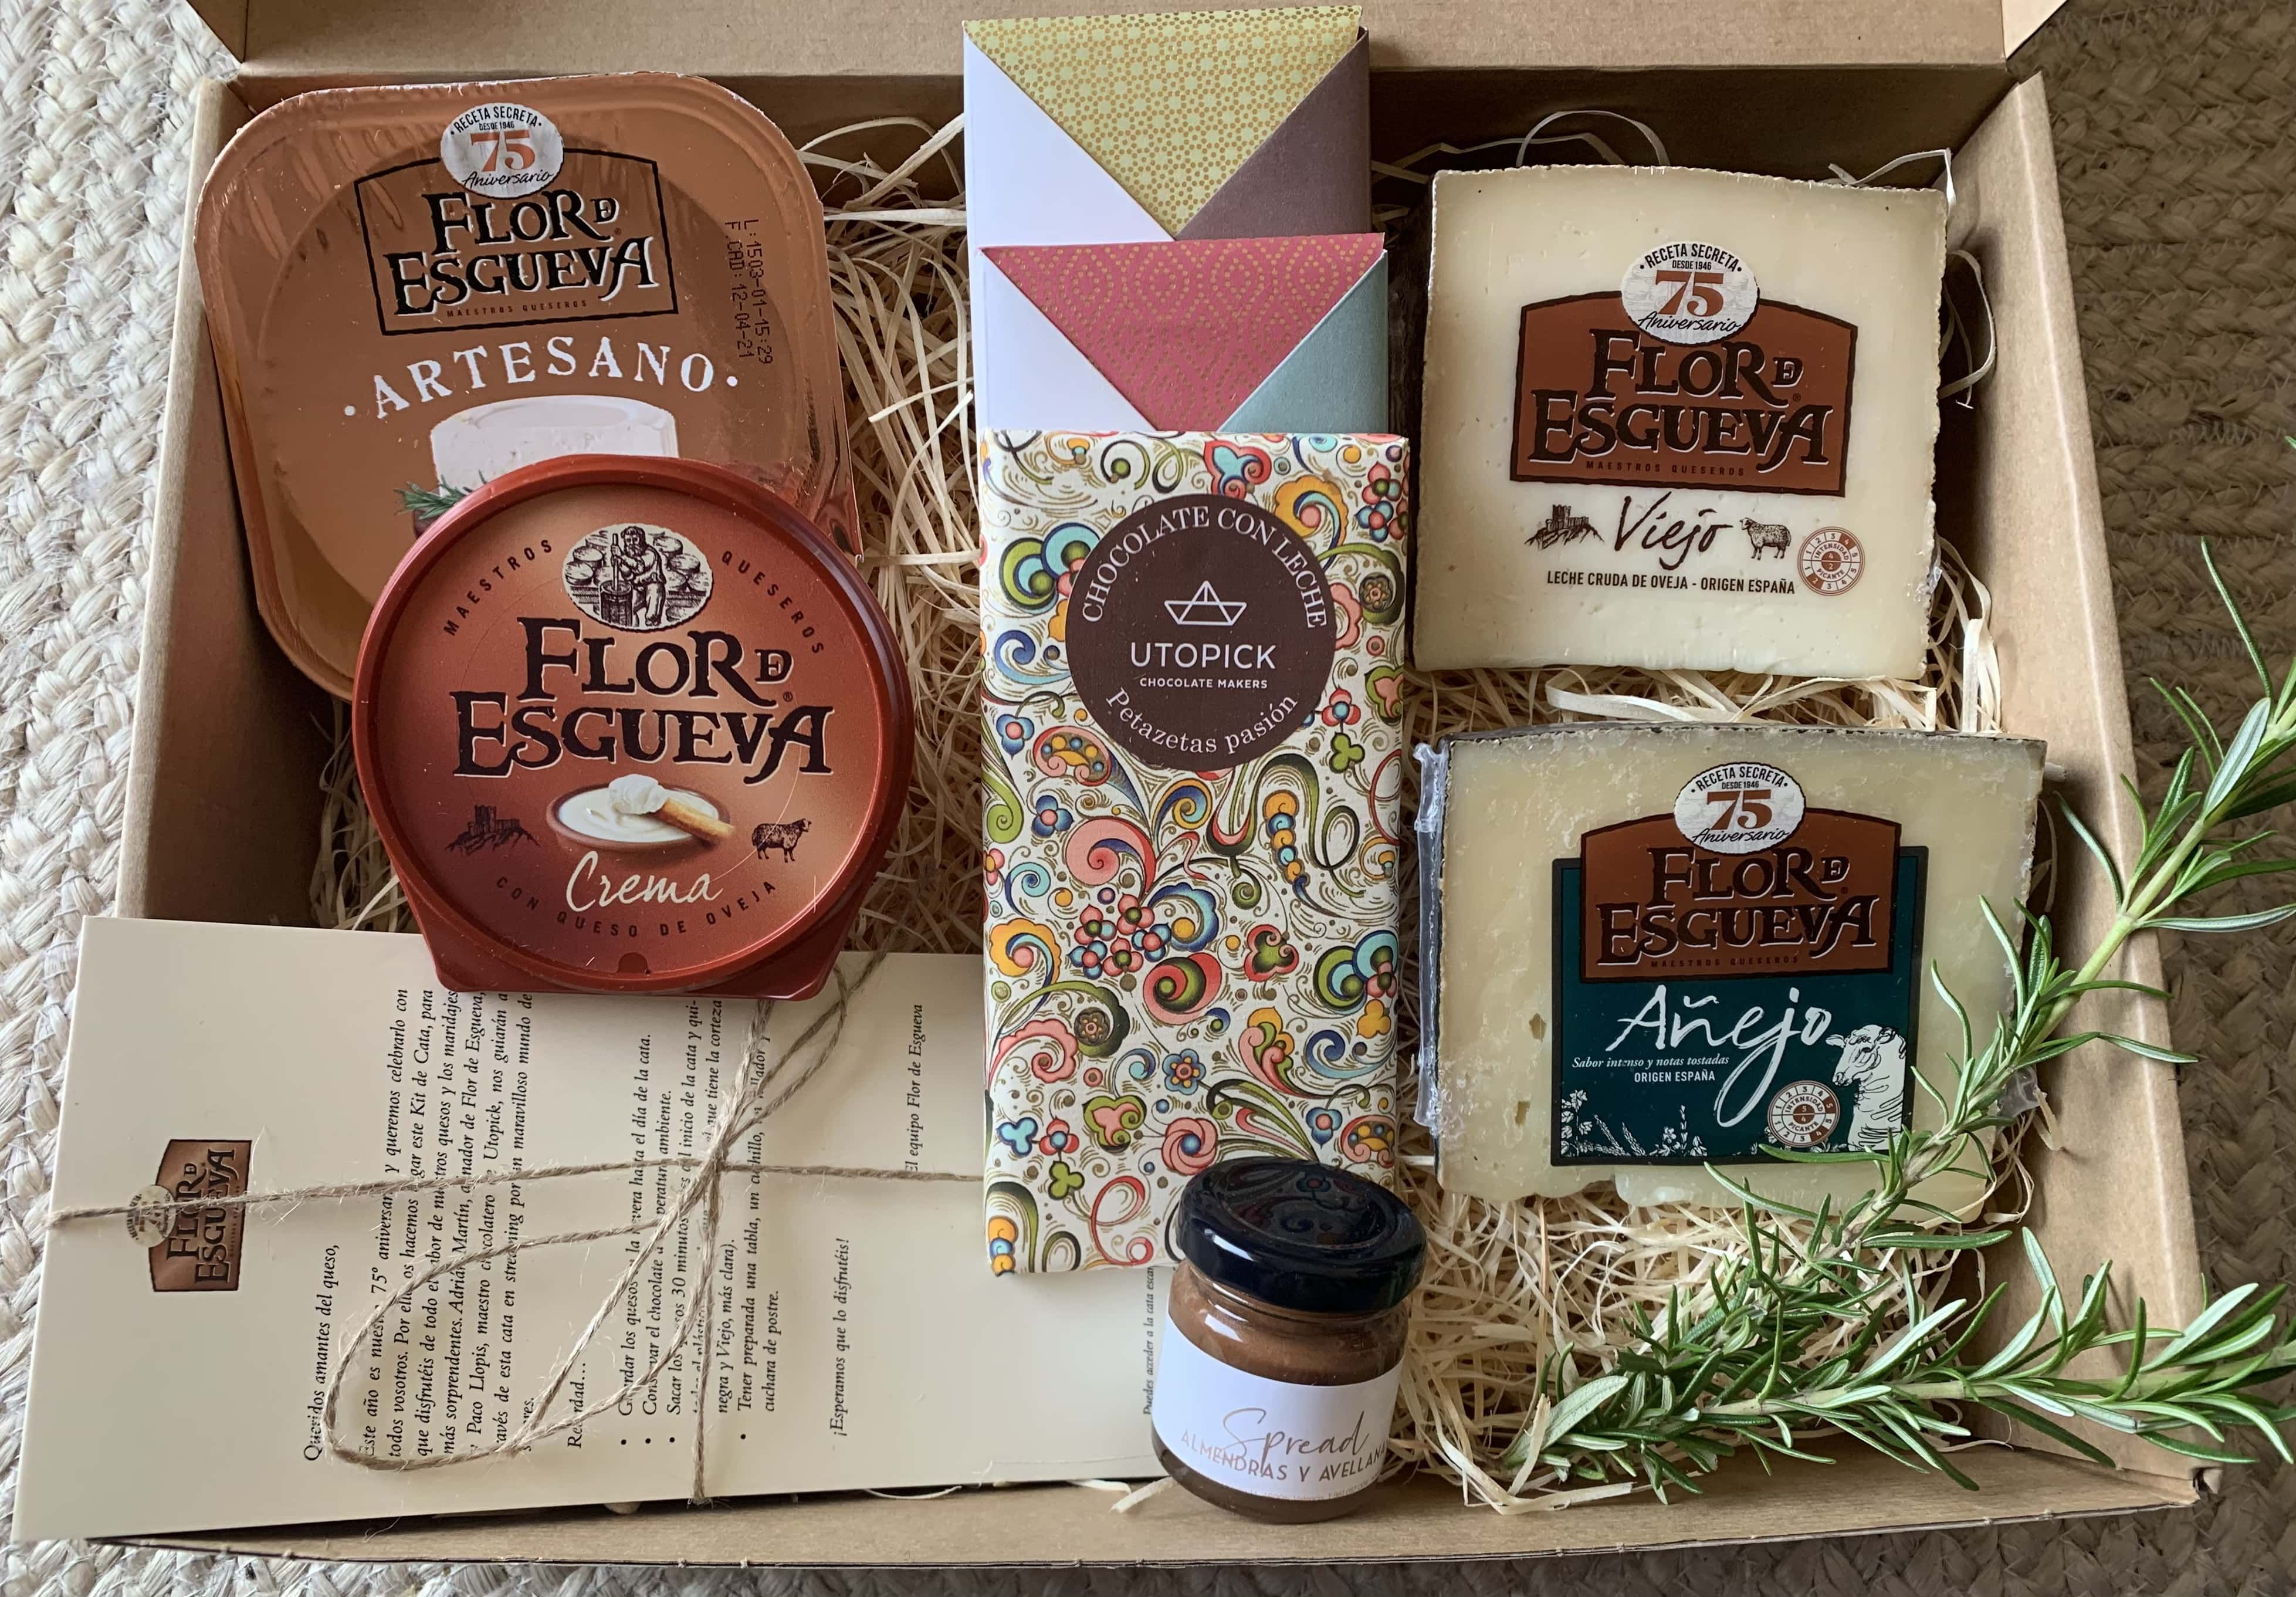 Fotografia Kit de cata quesos Flor de Esgueva y chocolates Utopick 2